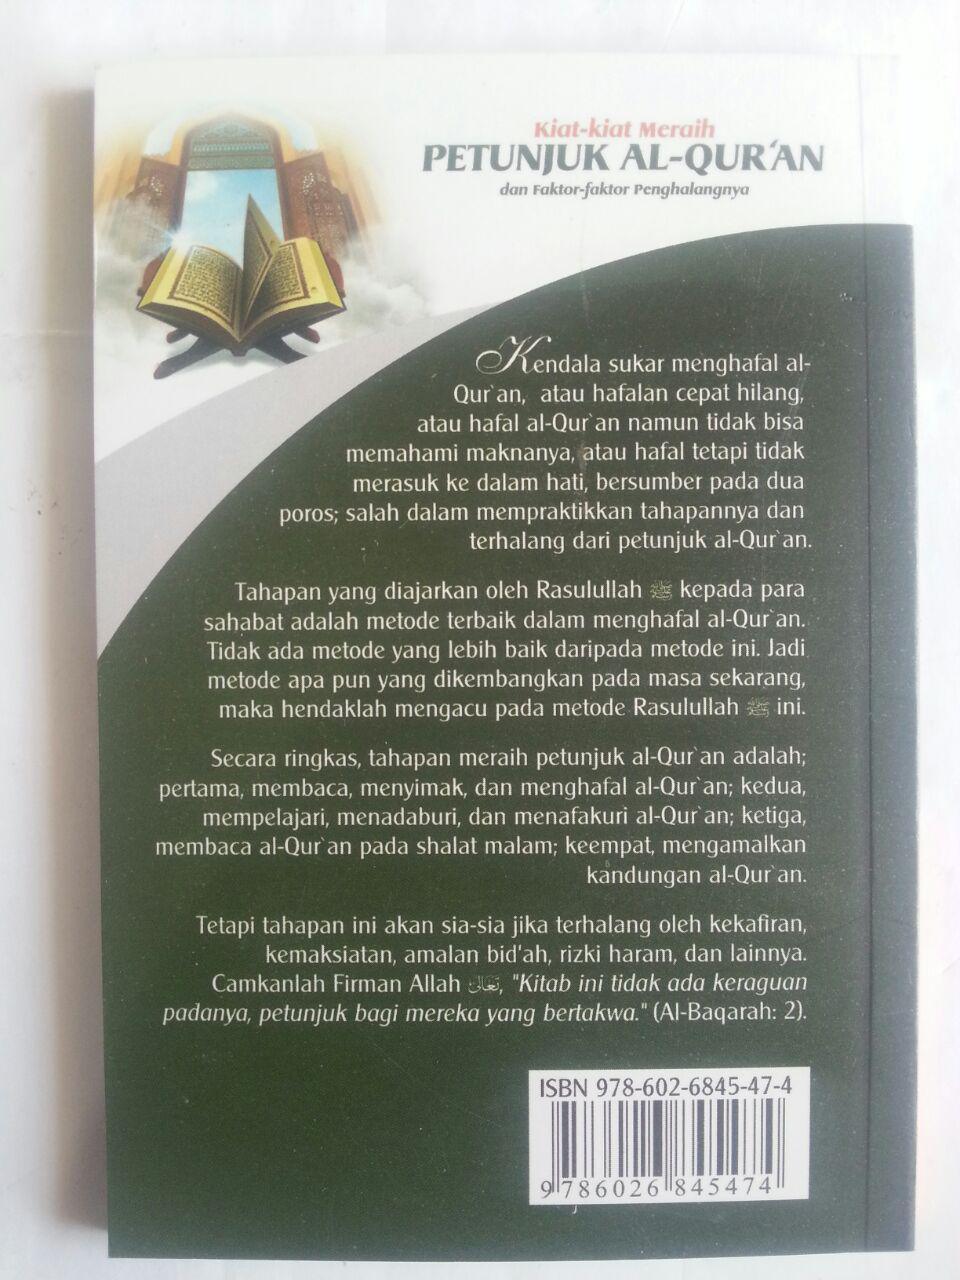 Buku Kiat-Kiat Meraih Petunjuk Al-Qur'an Dan Faktor Penghalang cover